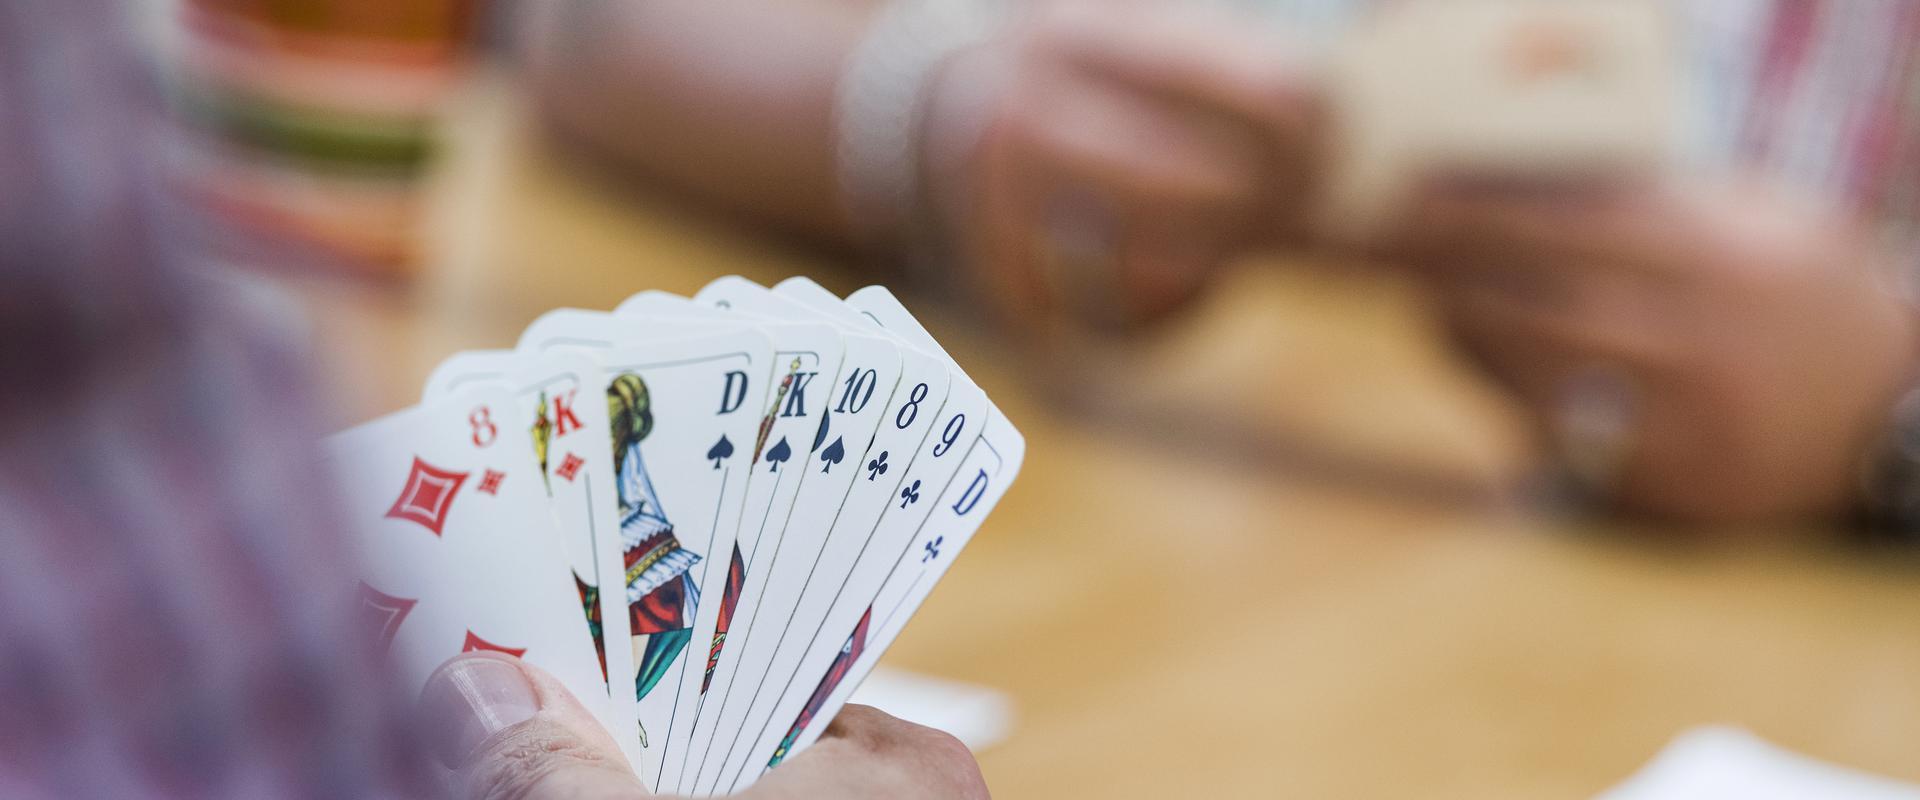 MEDIAN Klinik Leben und Wohnen Spielkarten